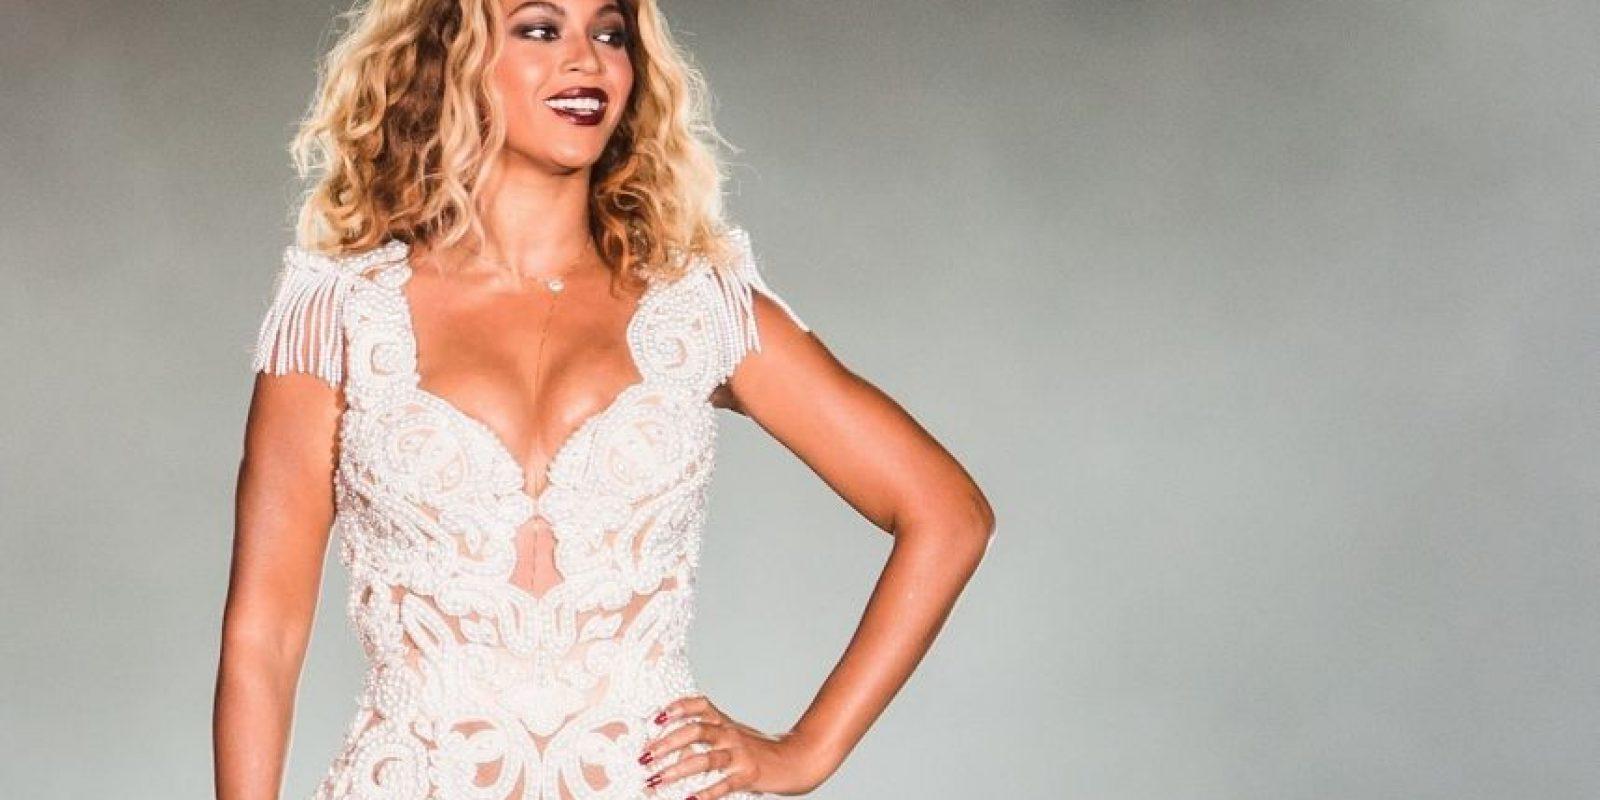 La cantante realizó un show para un evento caritativo. Foto:Getty Images